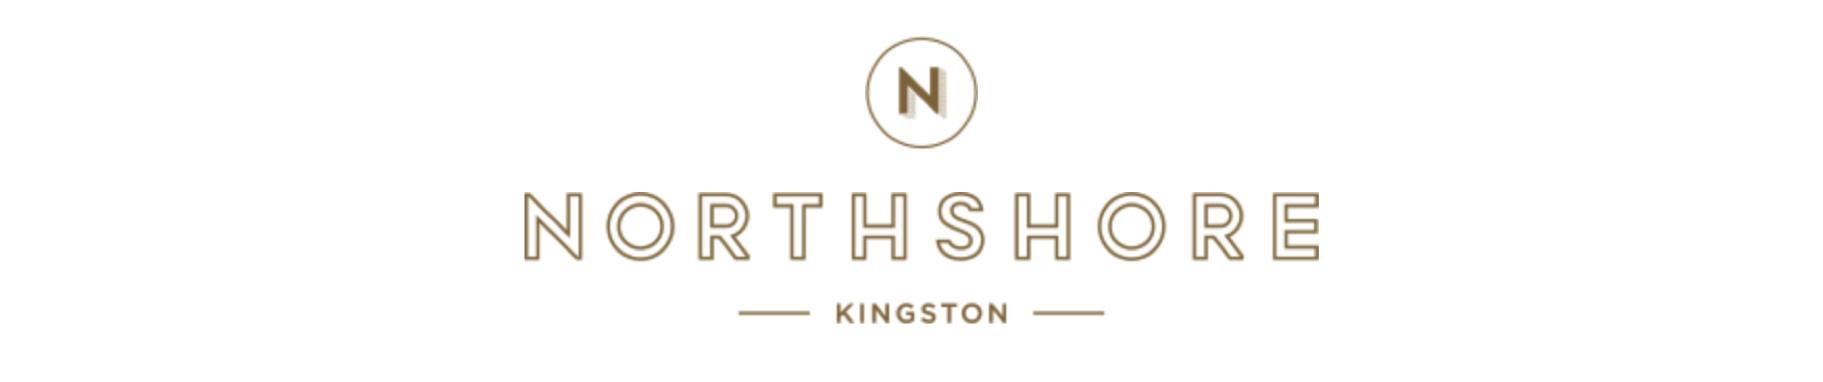 NorthshoreLogo1